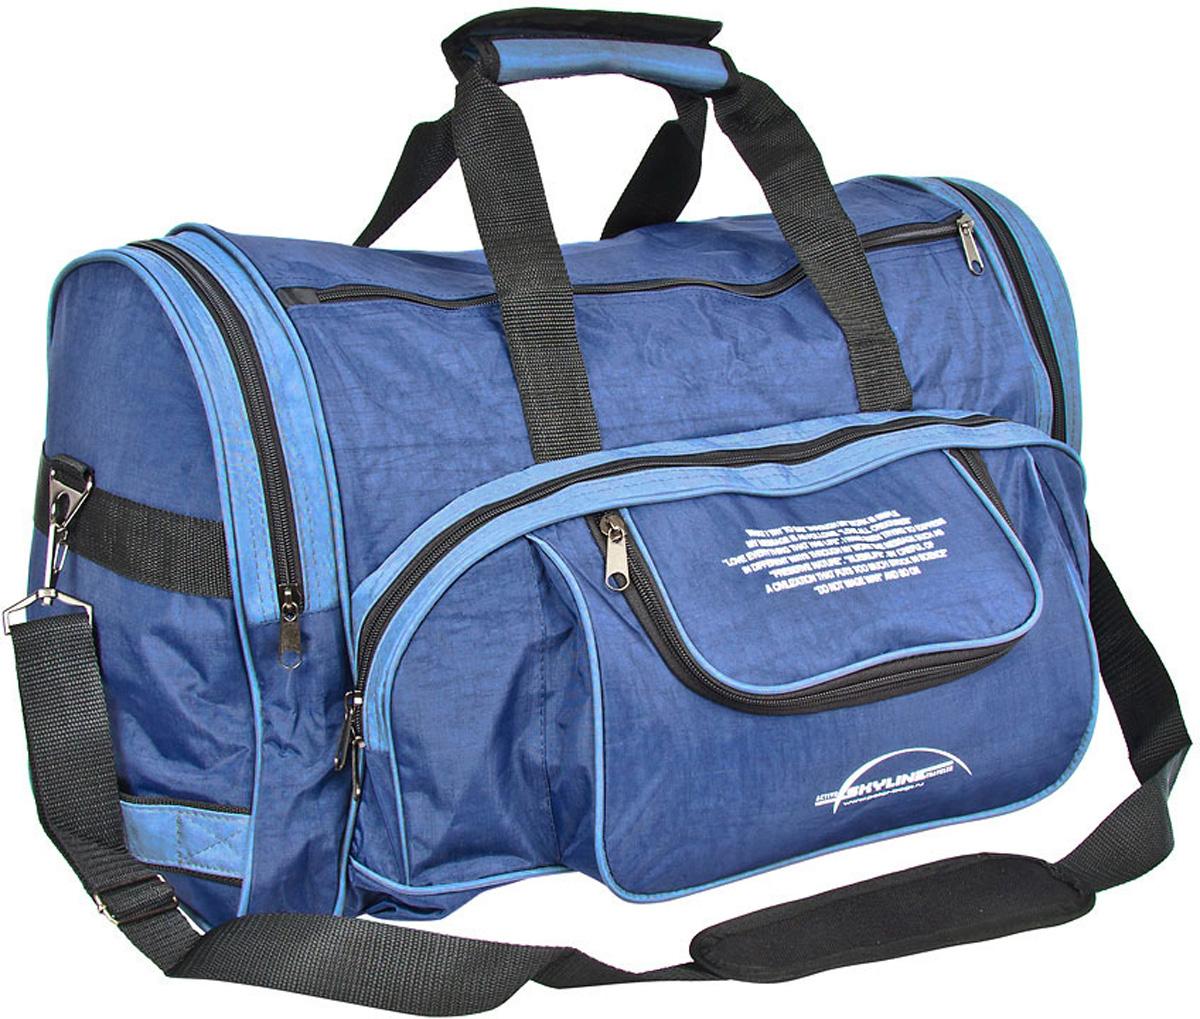 Сумка спортивная Polar Тревел, цвет: синий, голубой, 44,5 л, 55 х 27 х 30 см. 60666066Материал – полиэстер с водоотталкивающей пропиткой. Вместительная спортивная сумка среднего размера. Одно отделение. Два боковых кармана и два кармана на передней части. В комплект входит съемный плечевой ремень. Эта сумка идеально подойдет для спорта и отдыха. Спортивная сумка для ваших вещей.